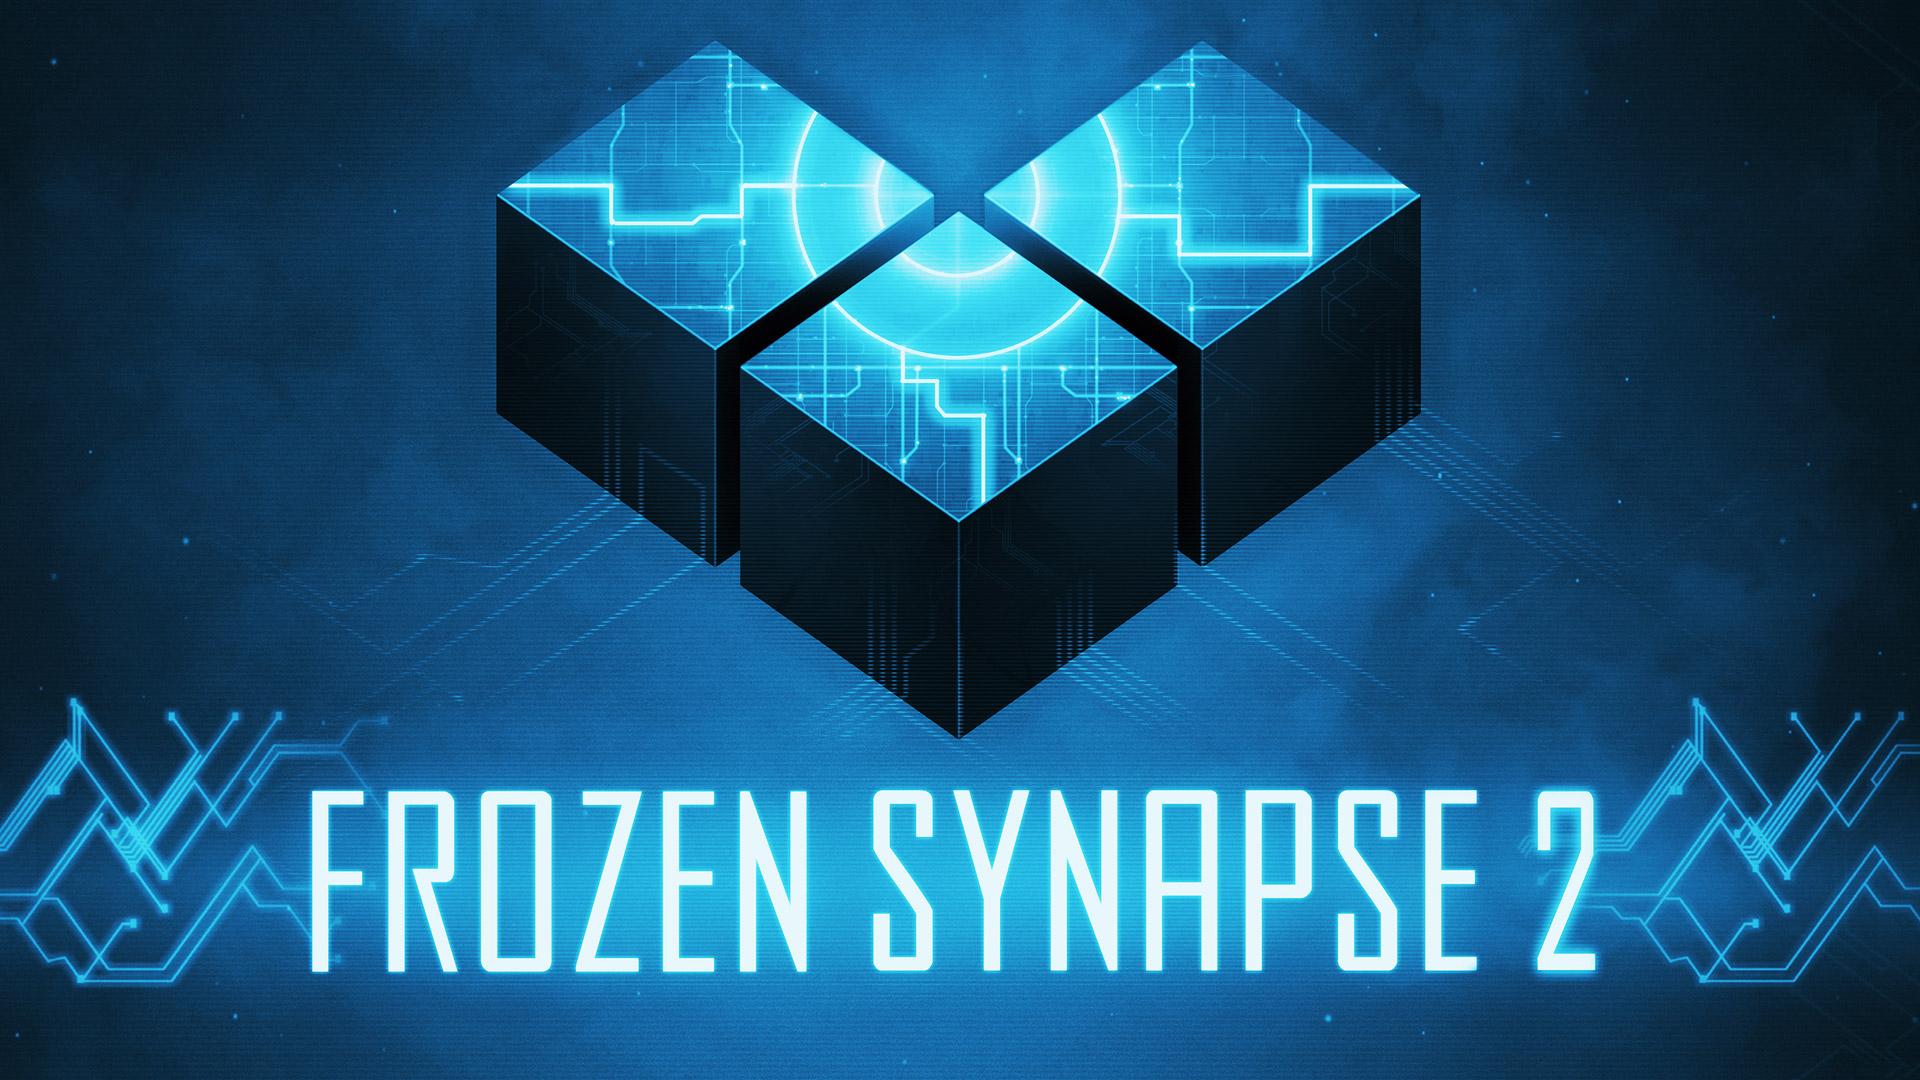 Free Frozen Synapse 2 Wallpaper in 1920x1080